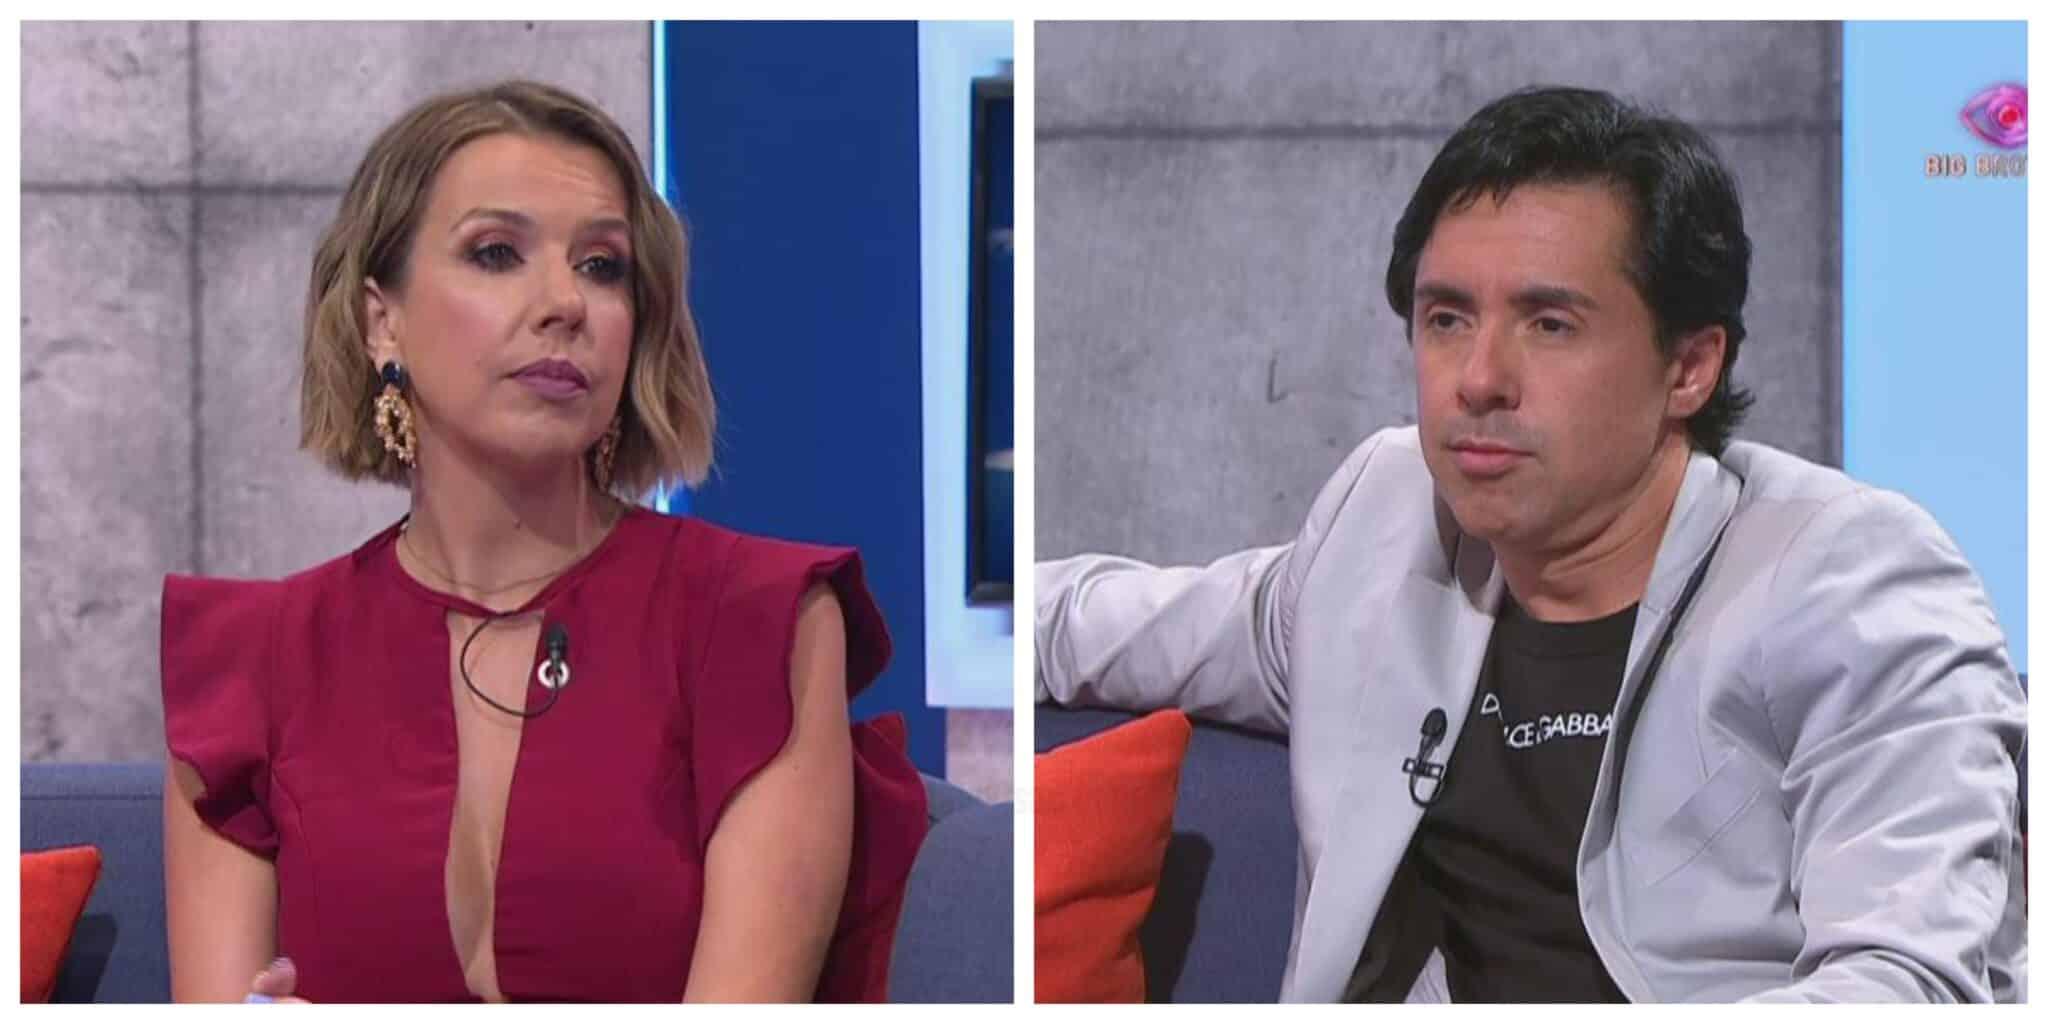 Ana Garcia Martins, Pedro Soá, Big Brother, A Pipoca Mais Doce